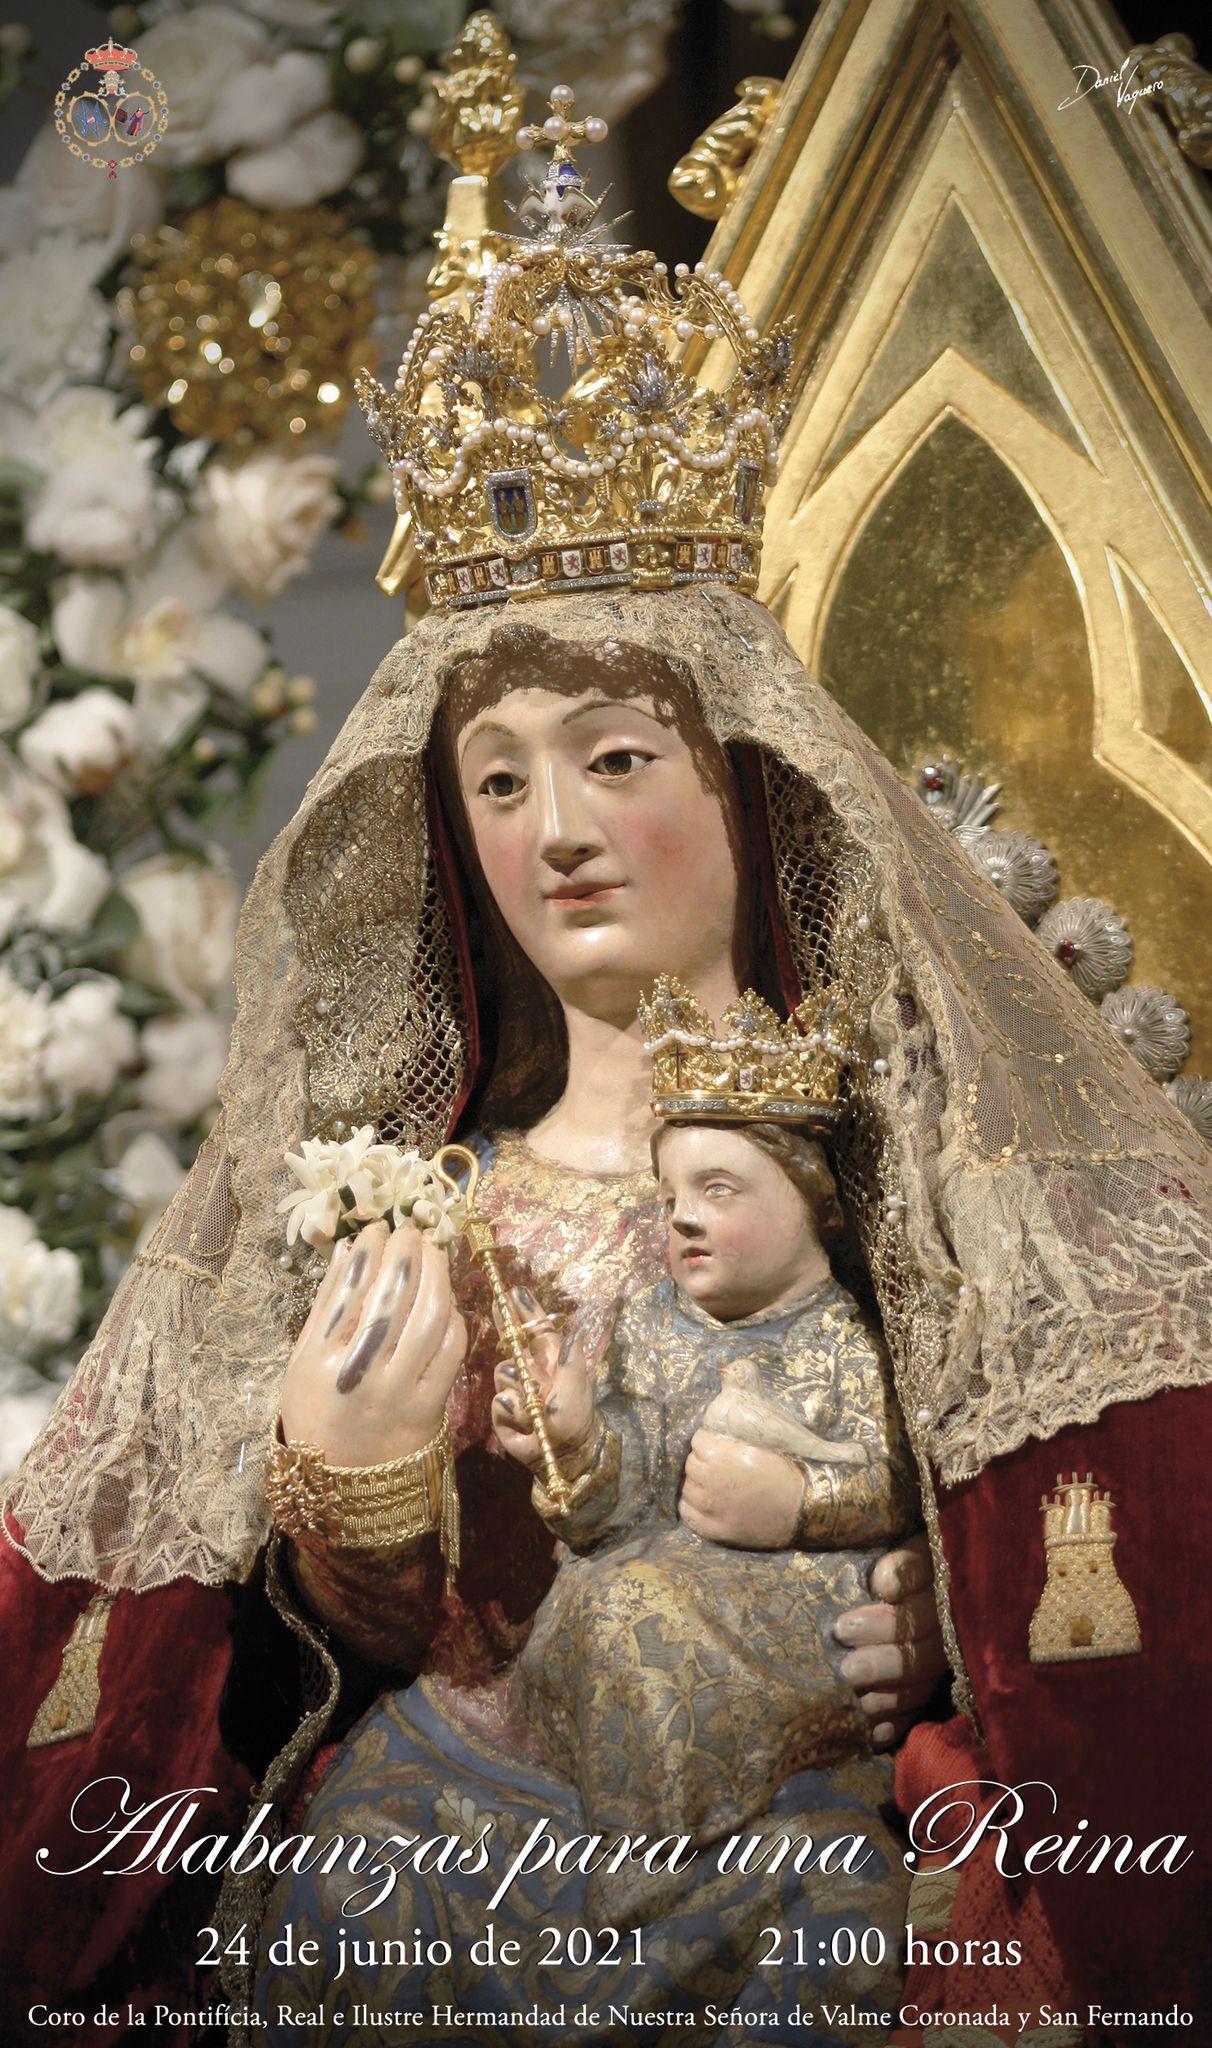 'Alabanzas a una Reina': Acto especial del Coro de Valme con motivo del 48º aniversario de la coronación canónica de nuestra titular